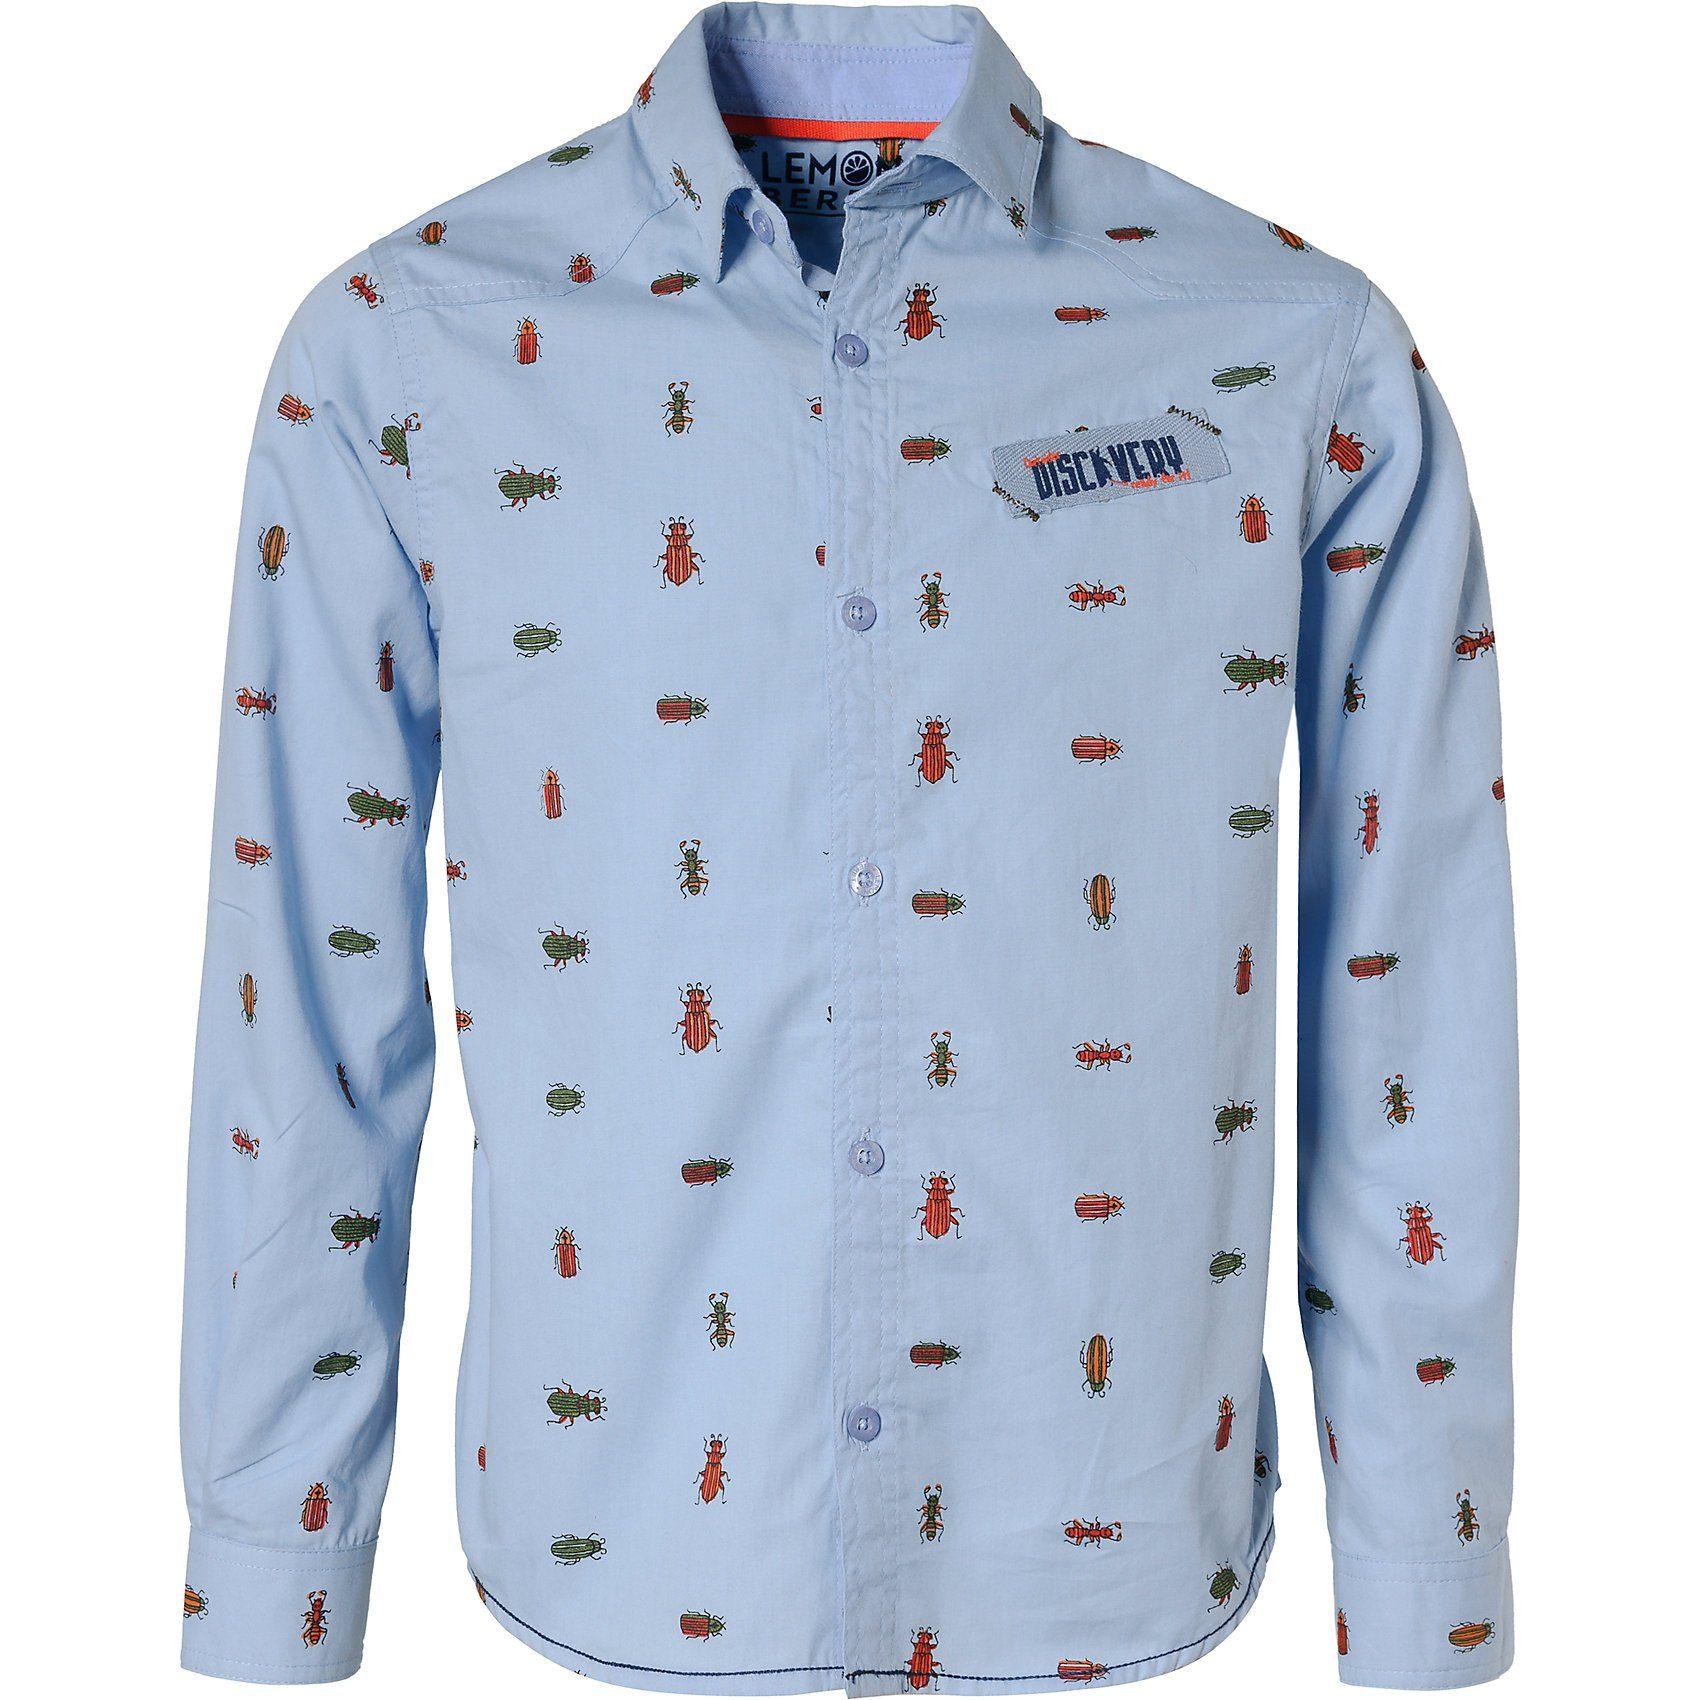 Herren,  Jungen,  Kinder LEMON BERET Langarmhemd für Jungen blau   05400823212249